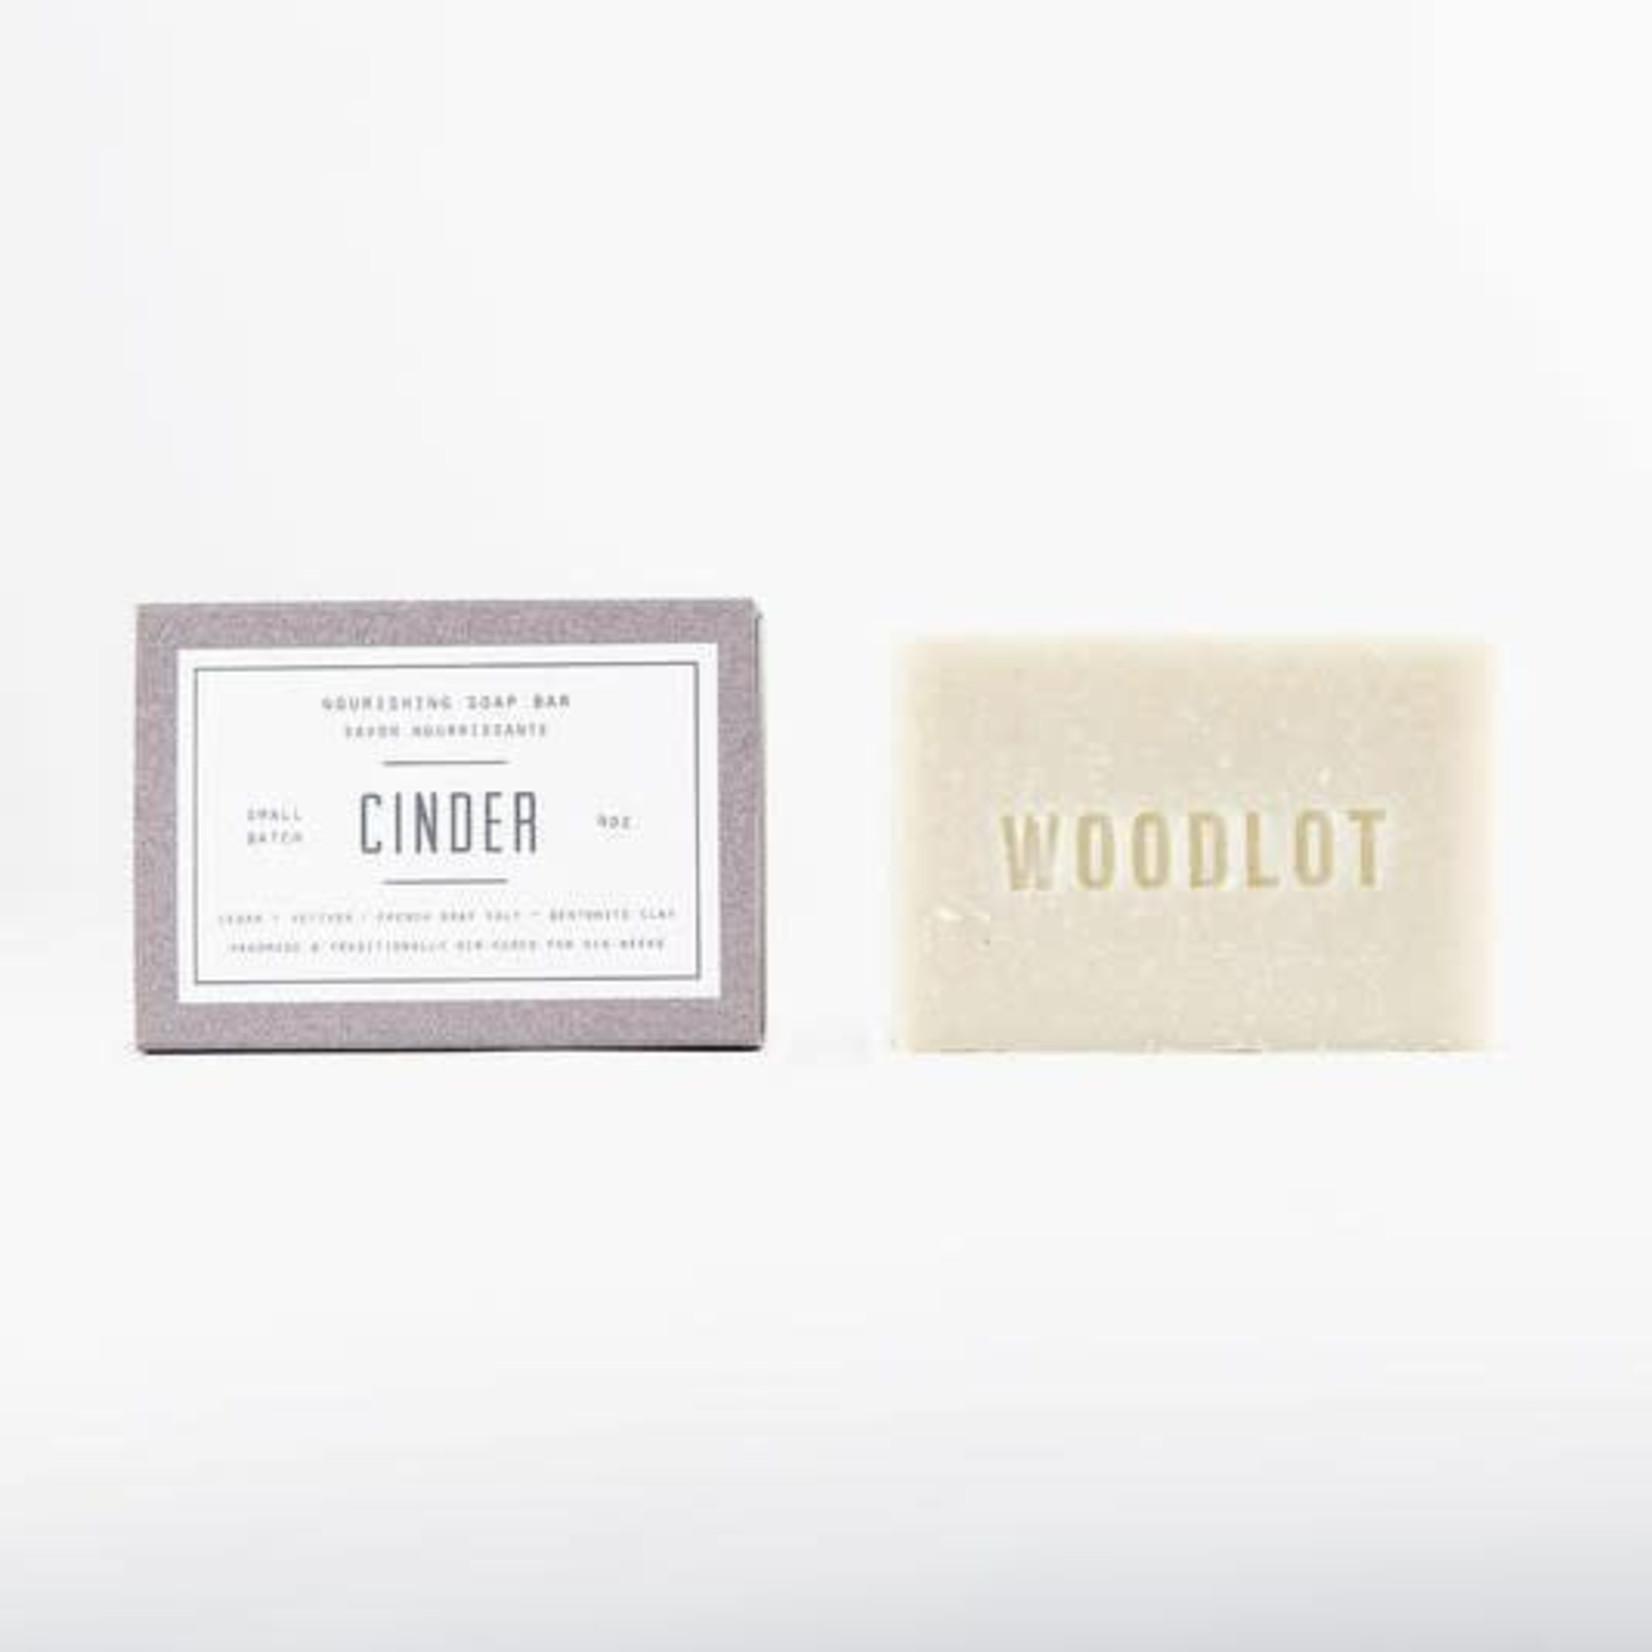 WOODLOT SOAP BAR - CINDER